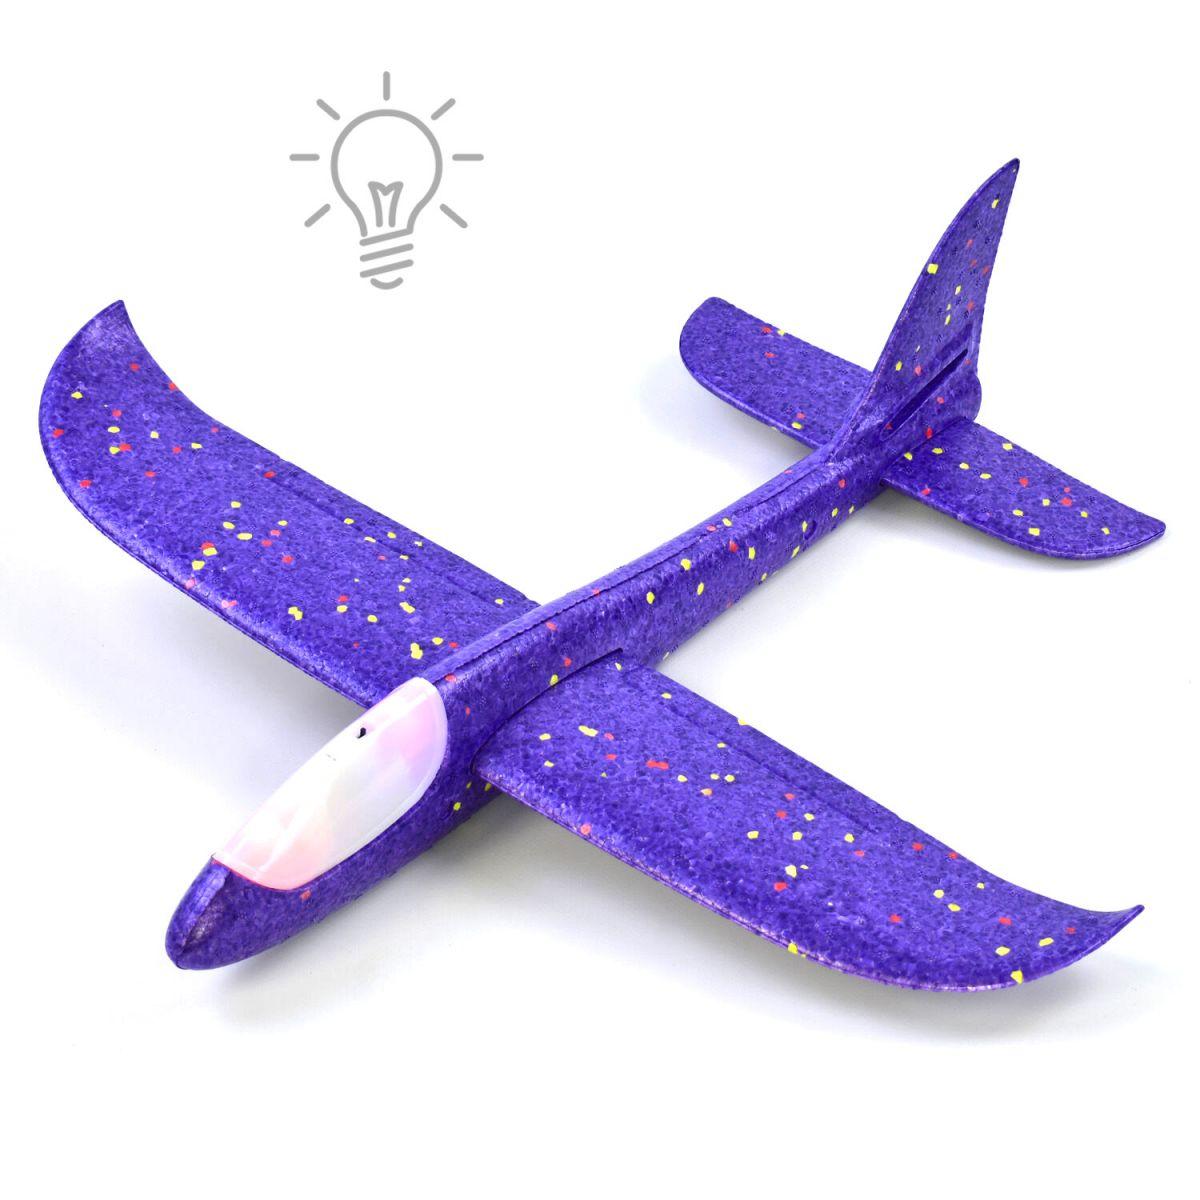 Пенолет метательный с подсветкой, 48 см, фиолетовый